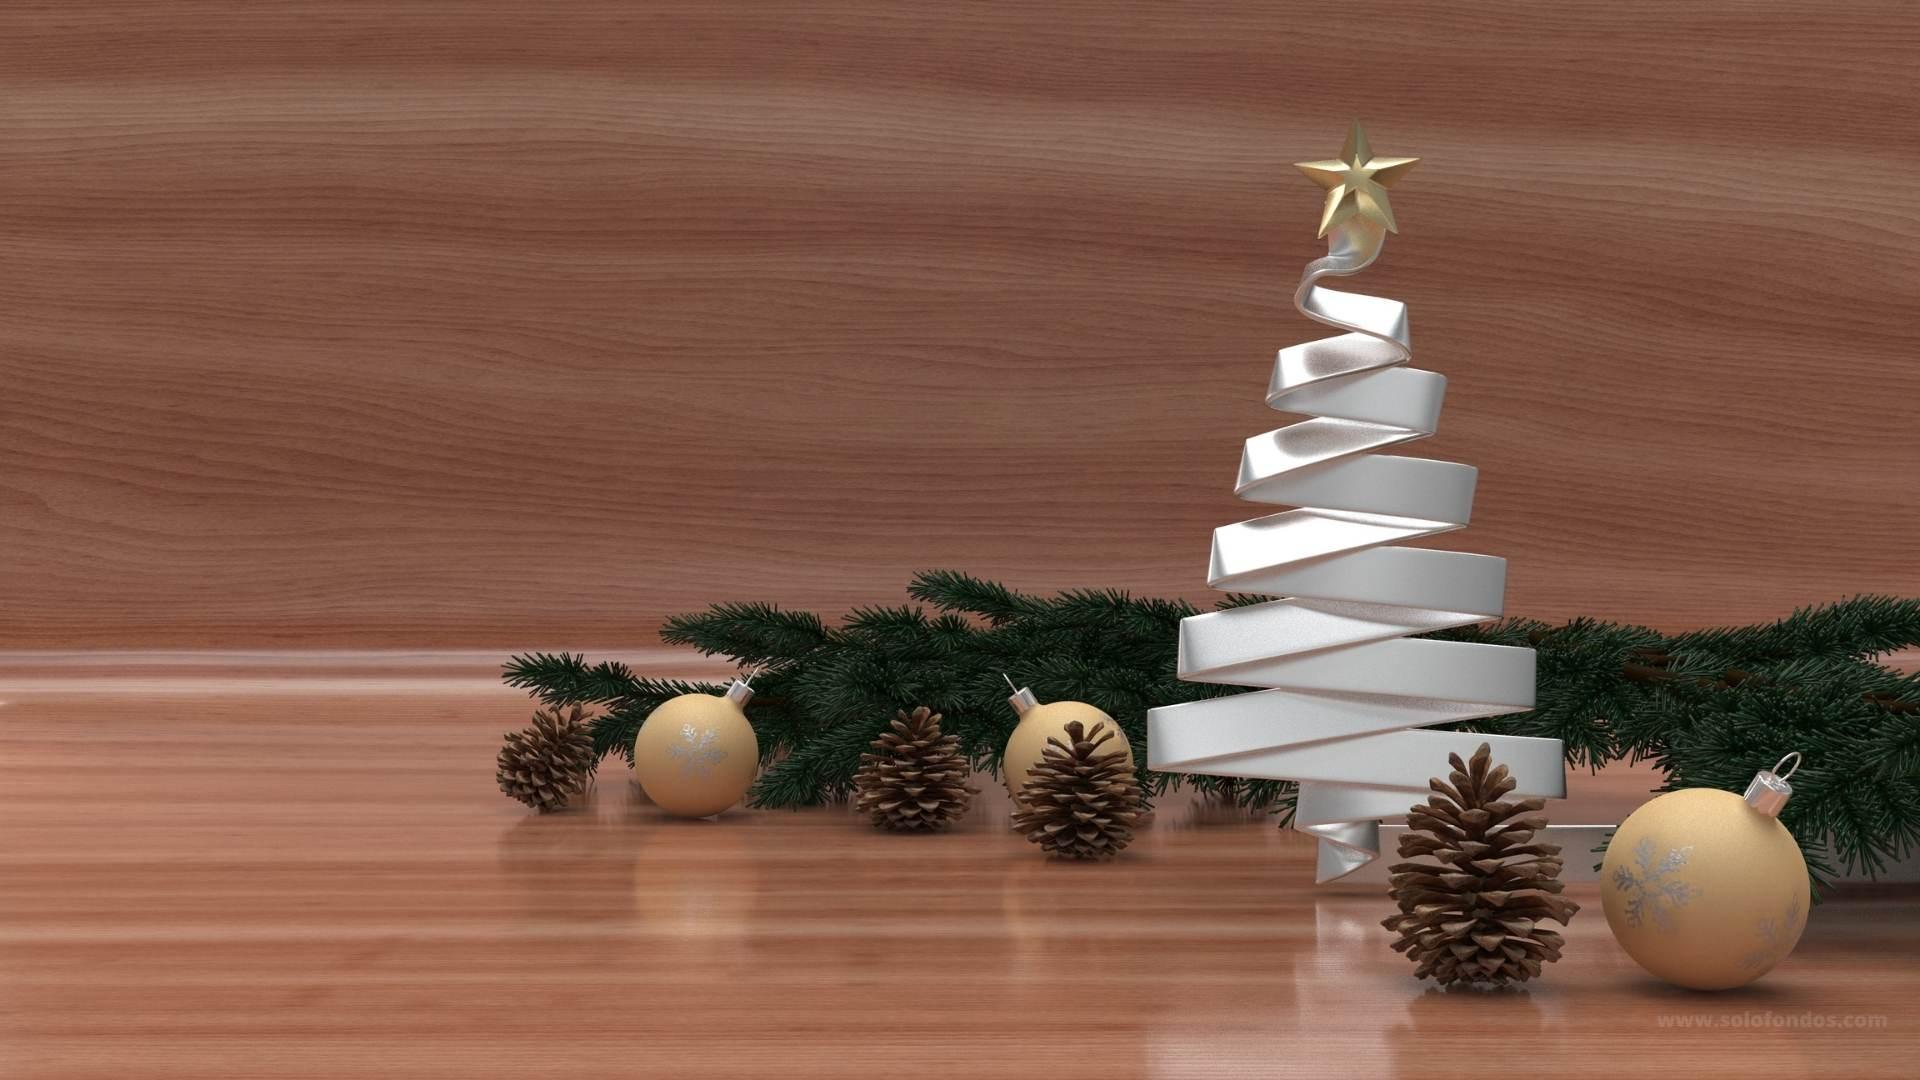 fondos de navidad blanco y negro